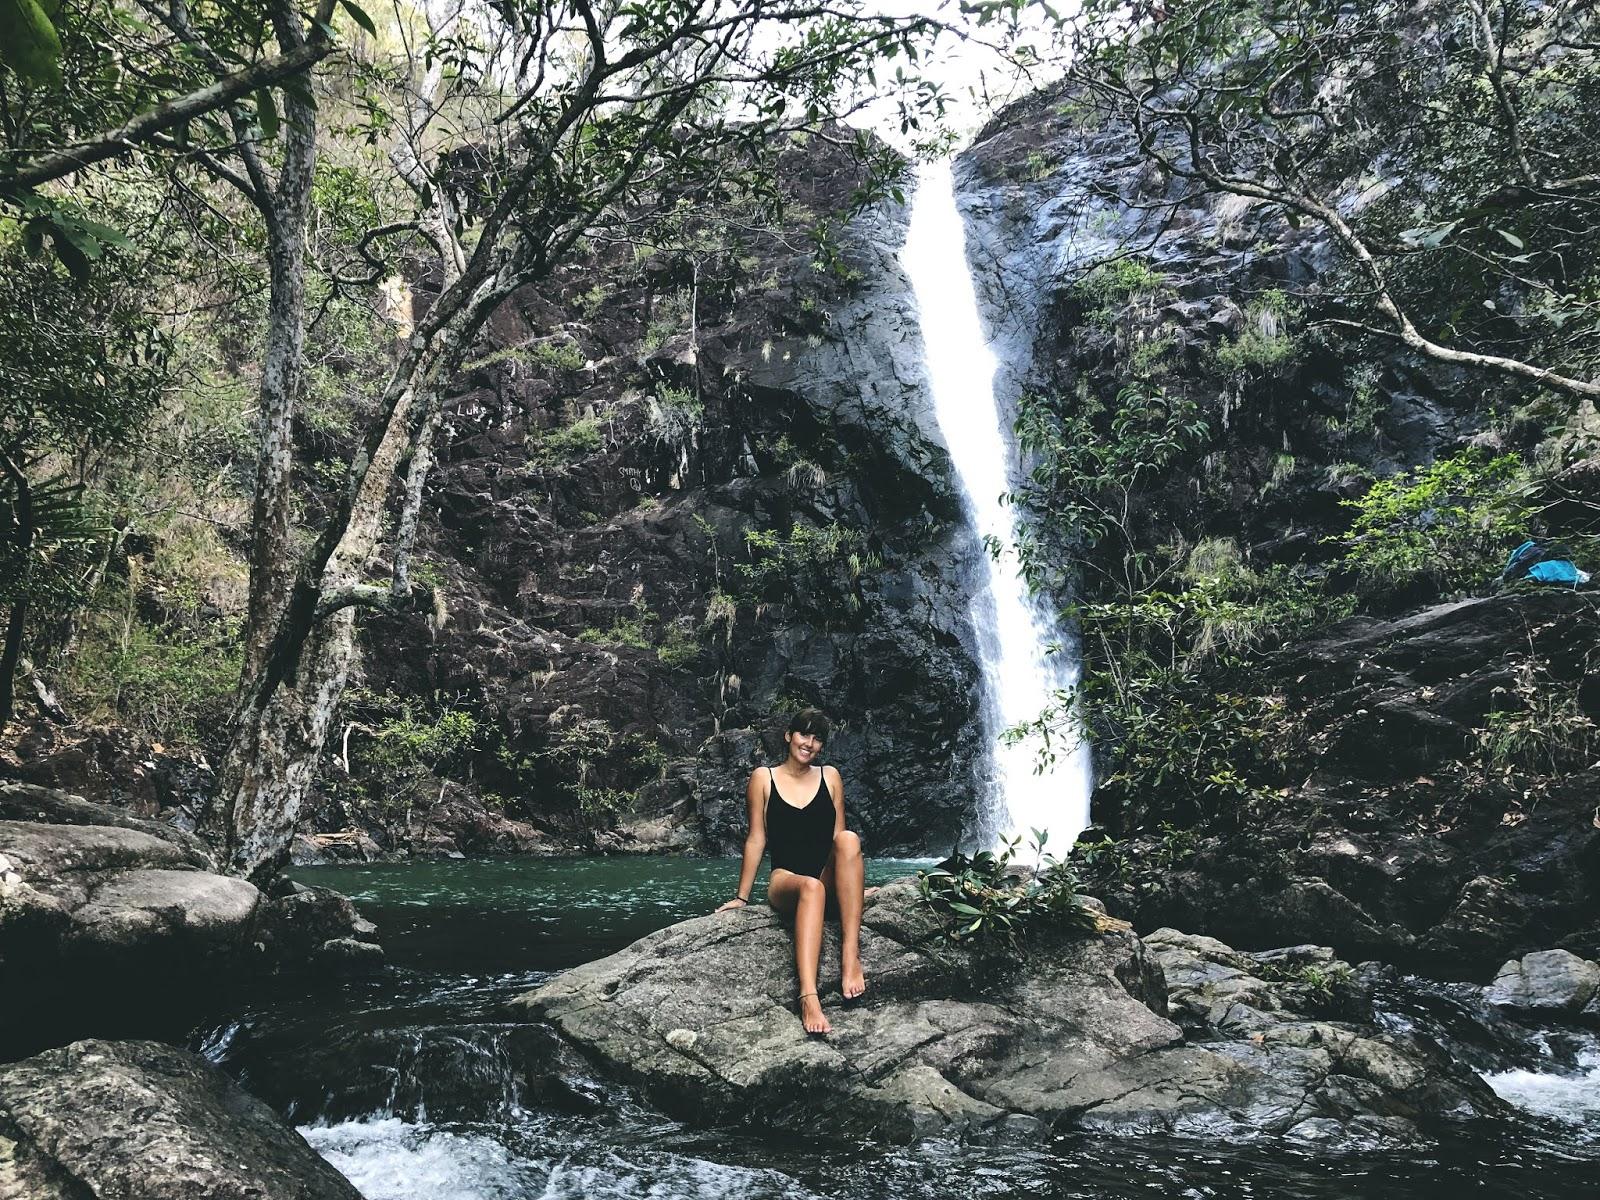 Wodospad w lesie deszczowym niedaleko australijskiego miasteczka Cardwell. Na skale przed nim siedzi podróżniczka w stroju kąpielowym.